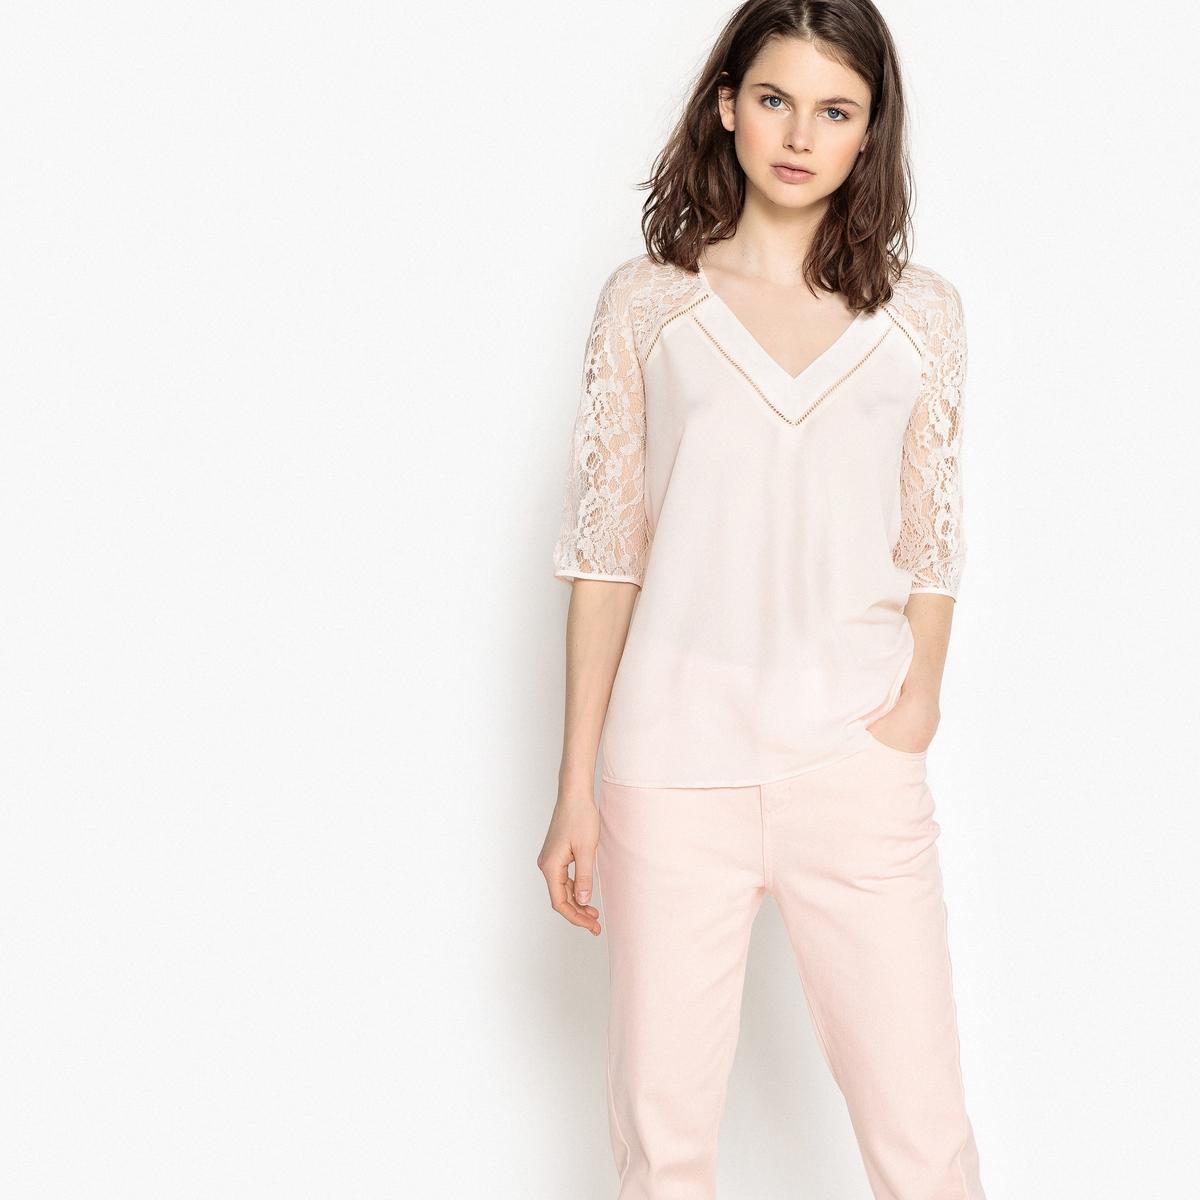 Блузка с V-образным вырезом и рукавами 3/4 из кружева блузка с квадратным вырезом со вставкой из кружева